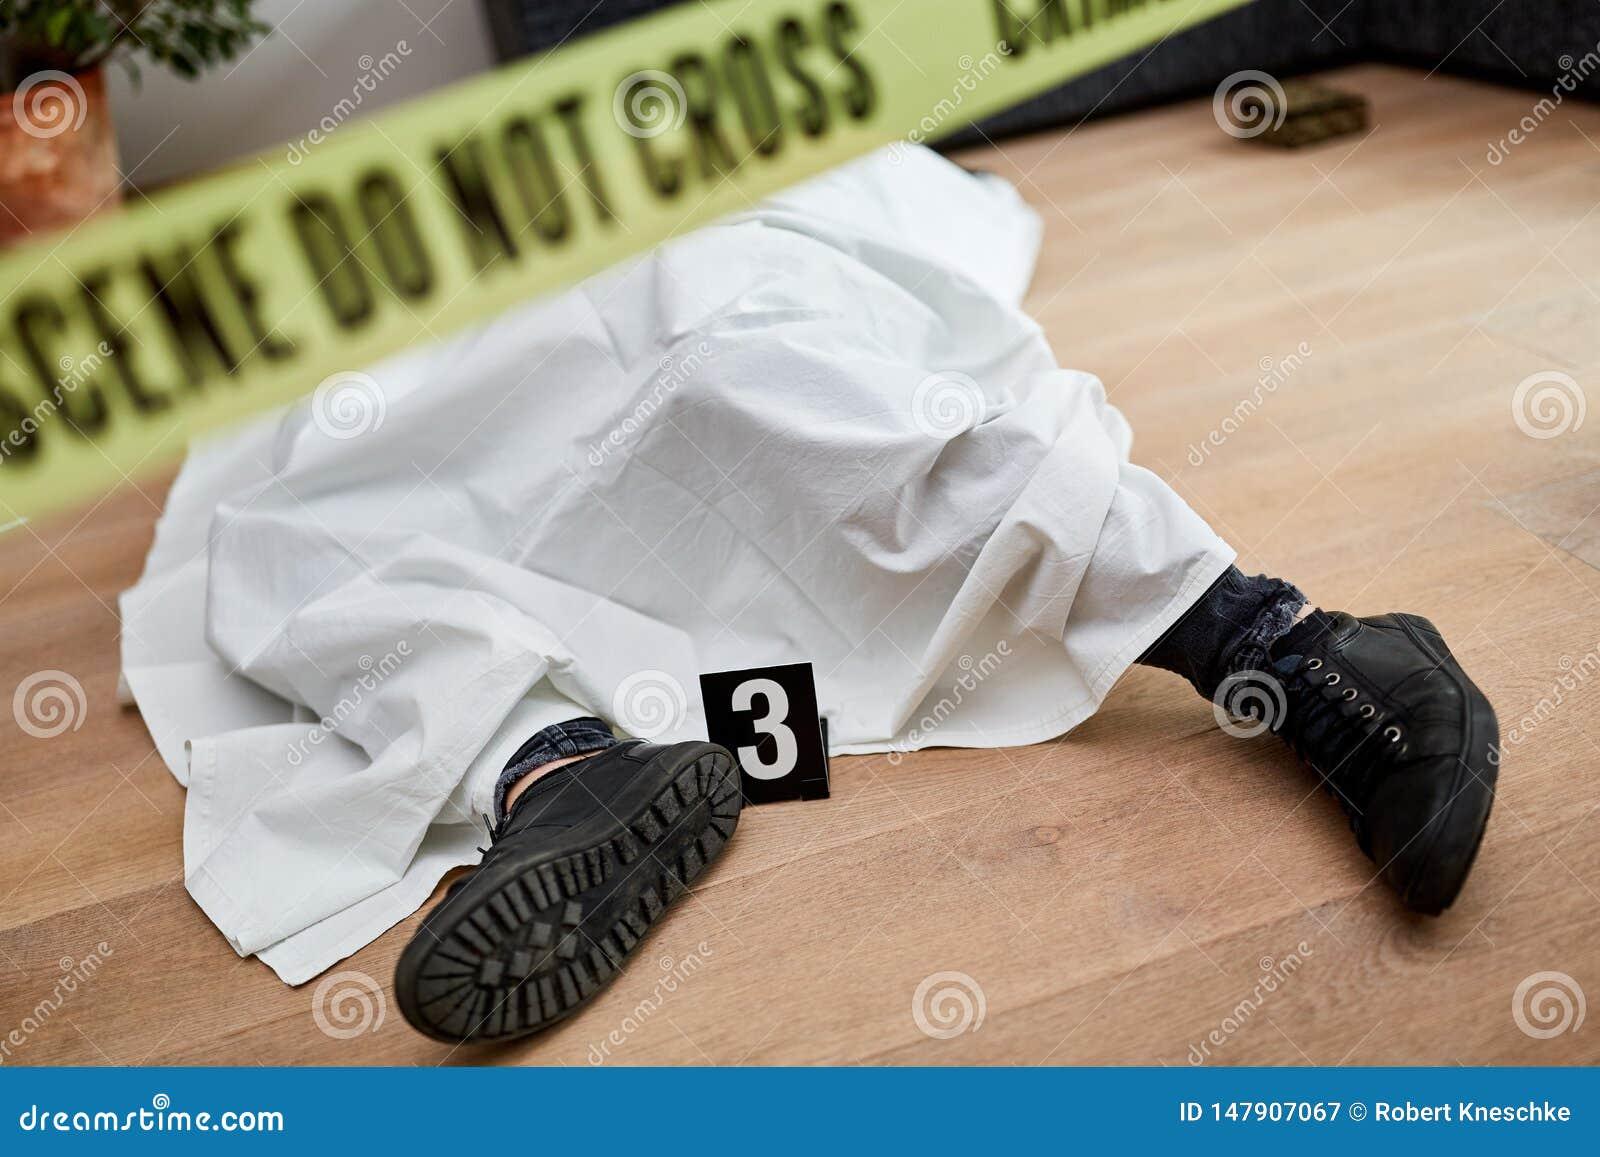 Leiche nach Mord an der Szene